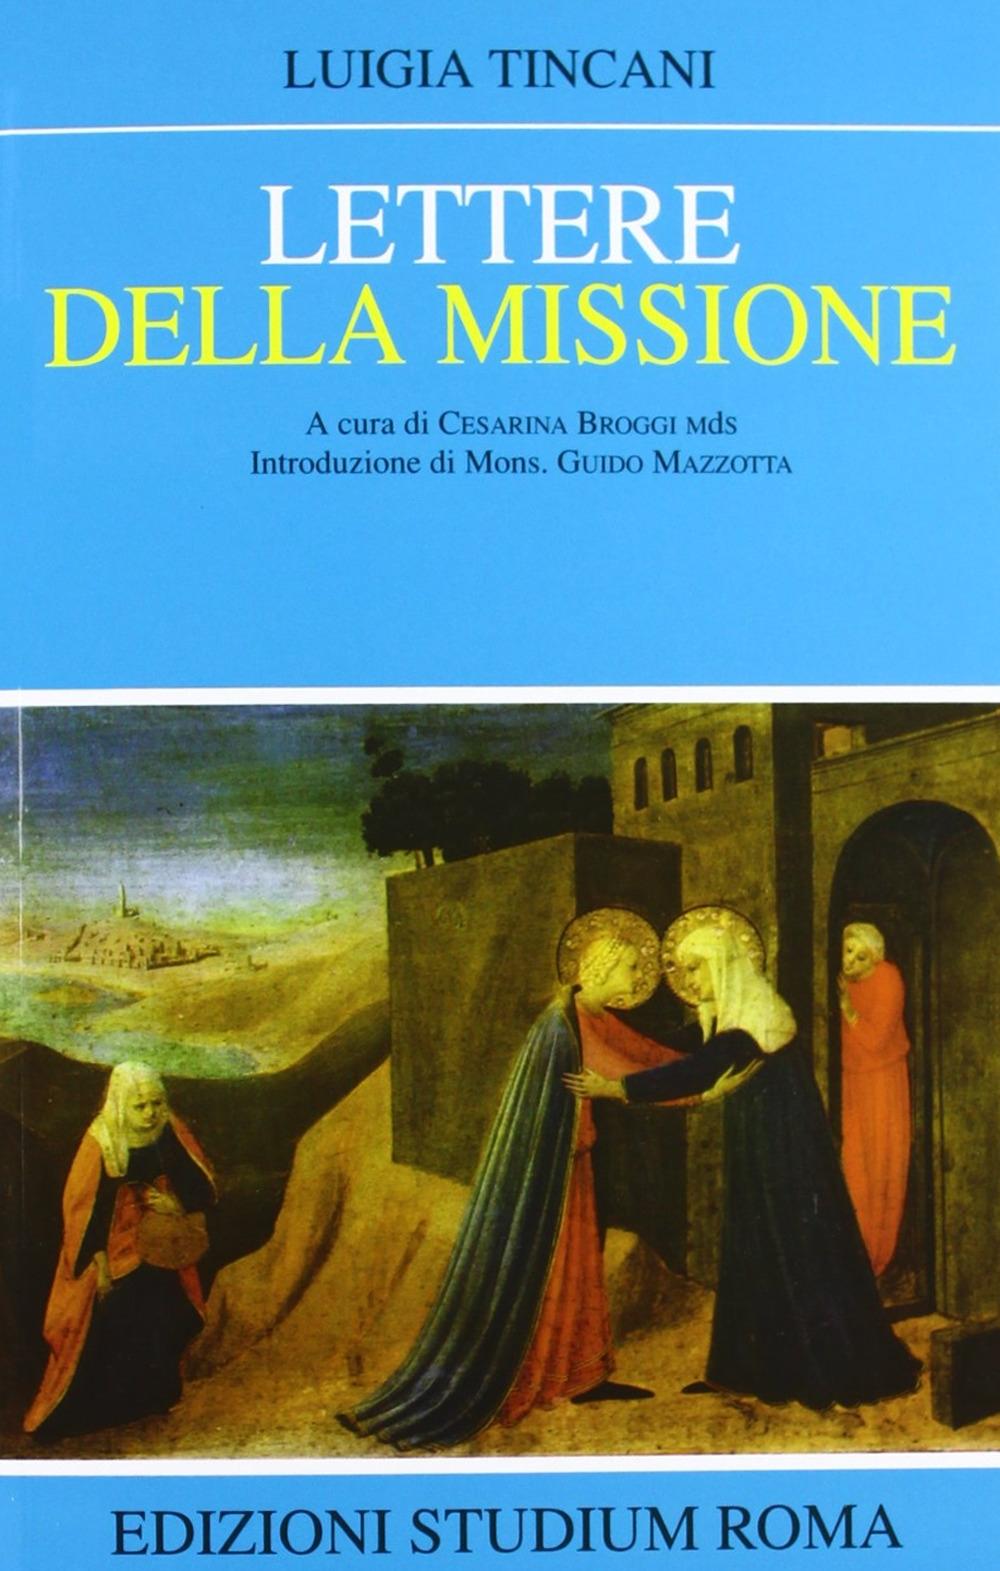 Lettere della missione